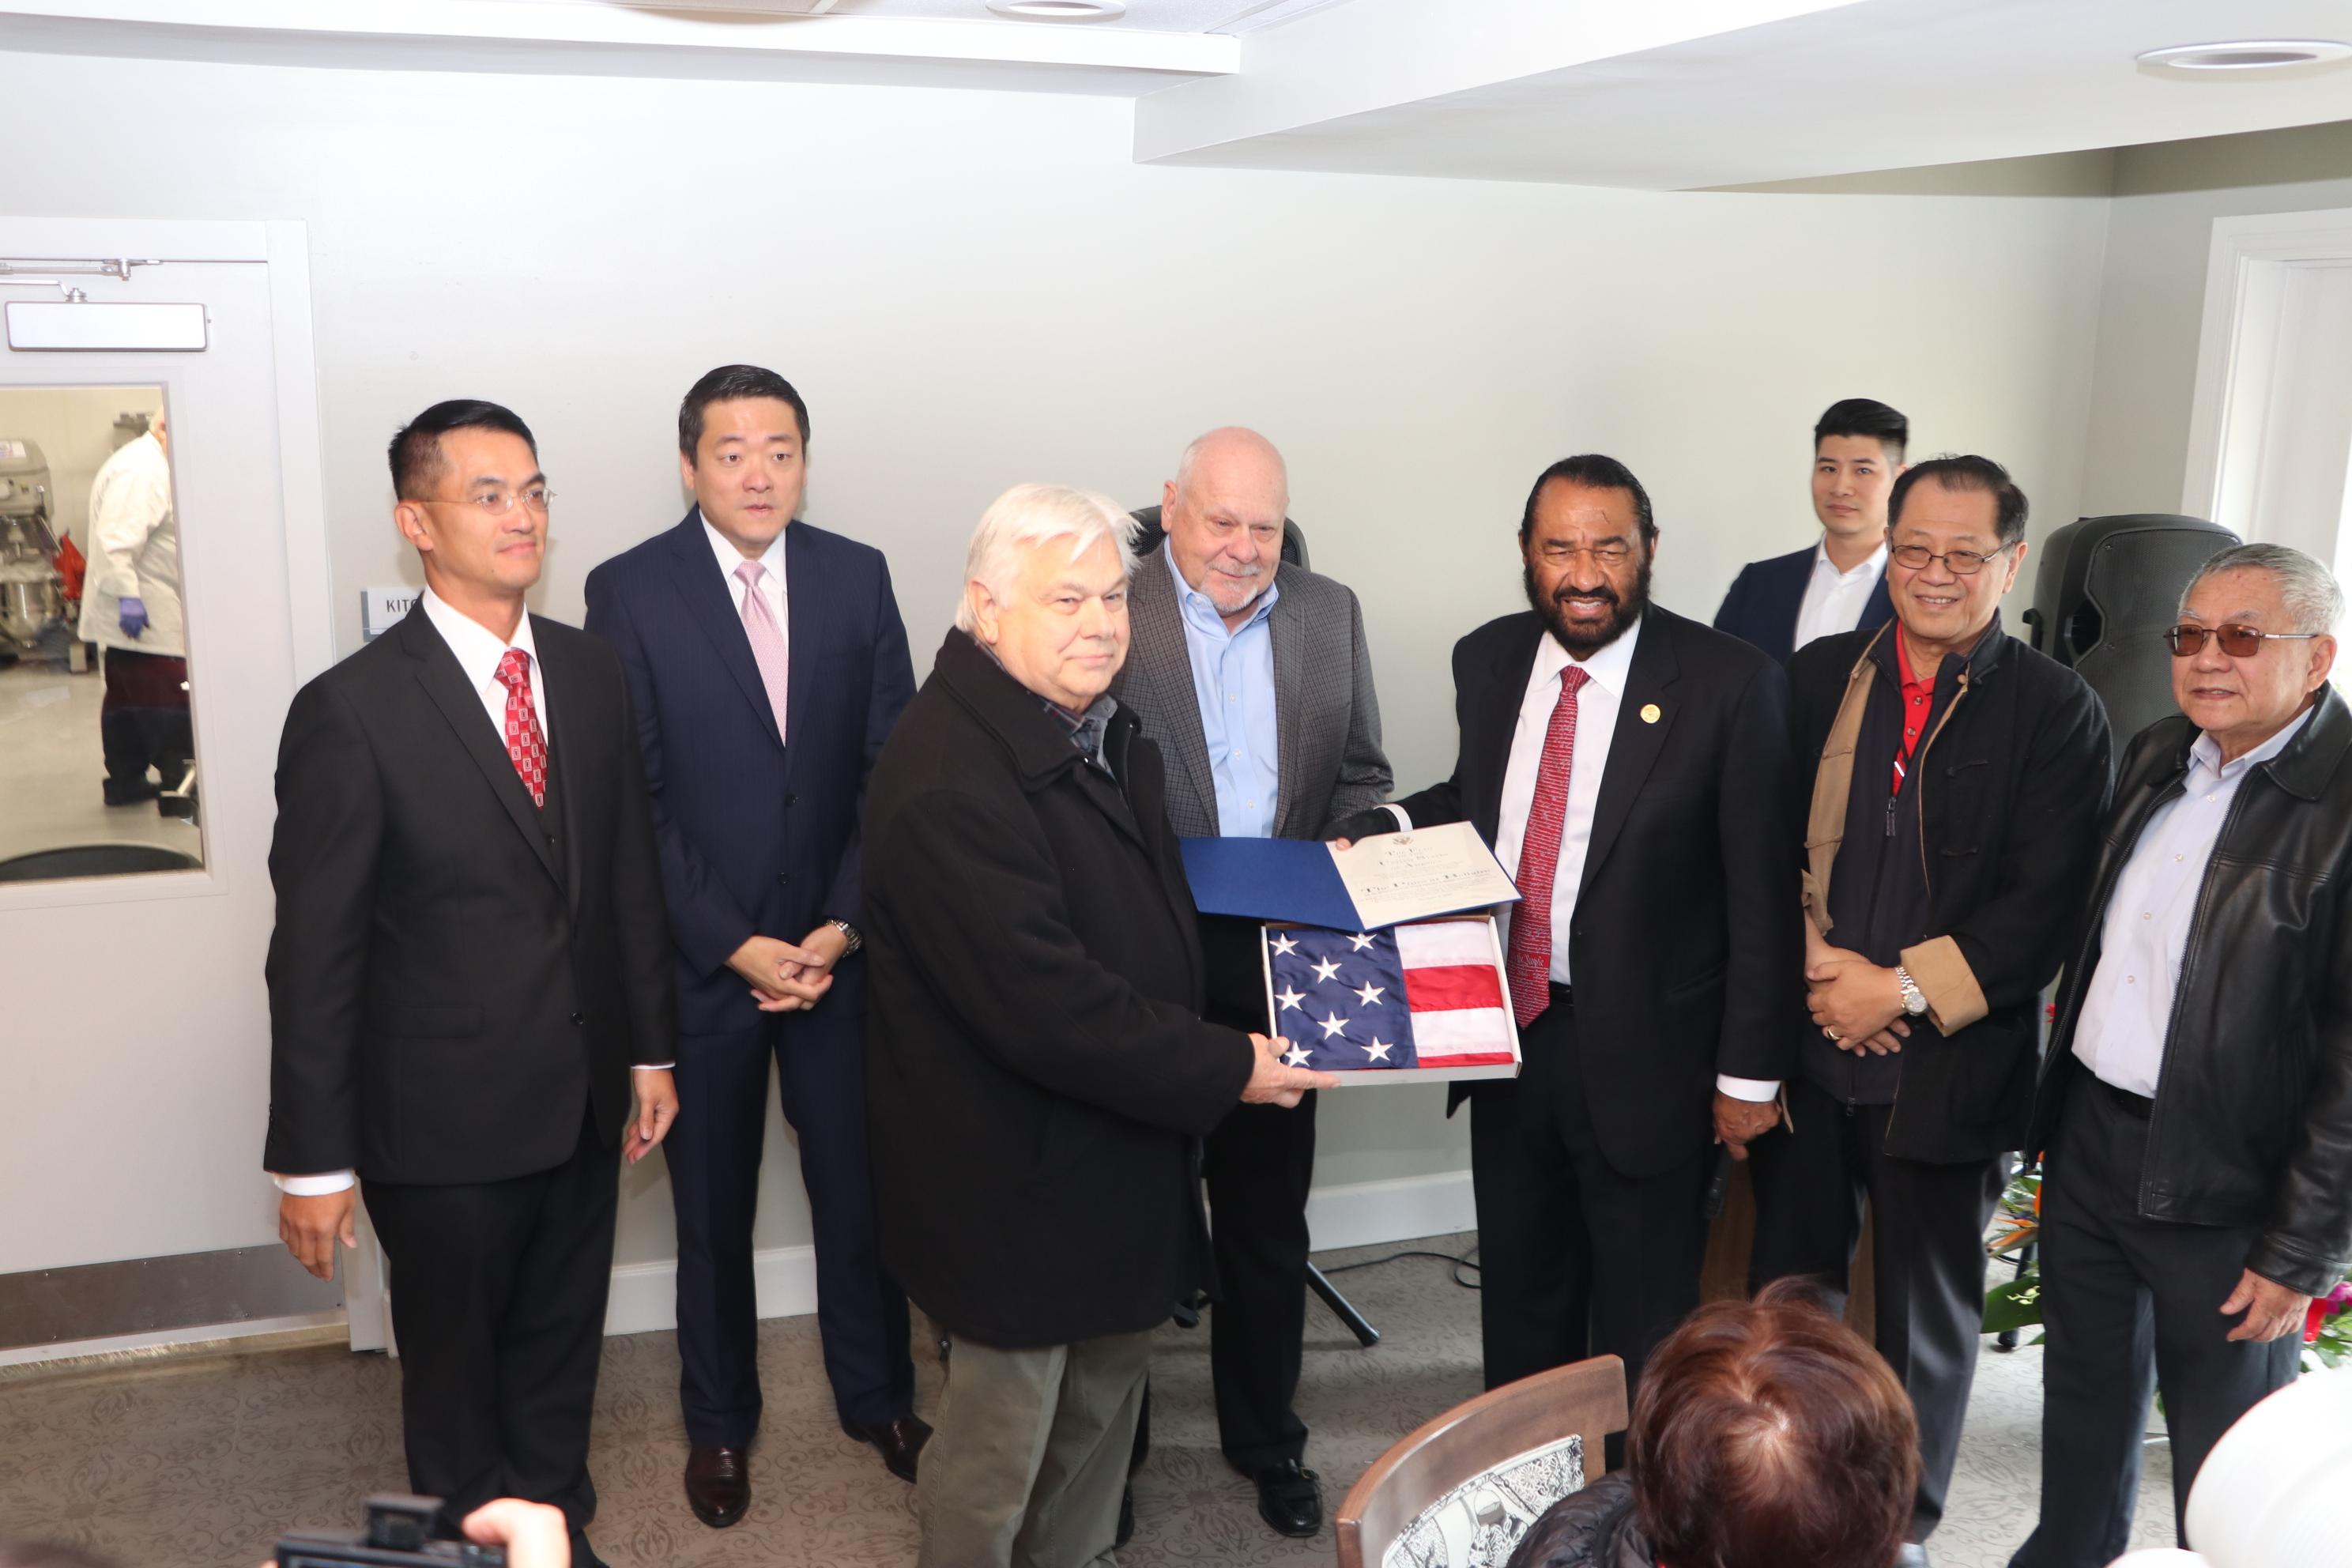 國會議員Al Green(前排右三)帶來一面曾在國會山莊飄揚的國旗贈予「松園居」,表彰他們為社區的貢獻。